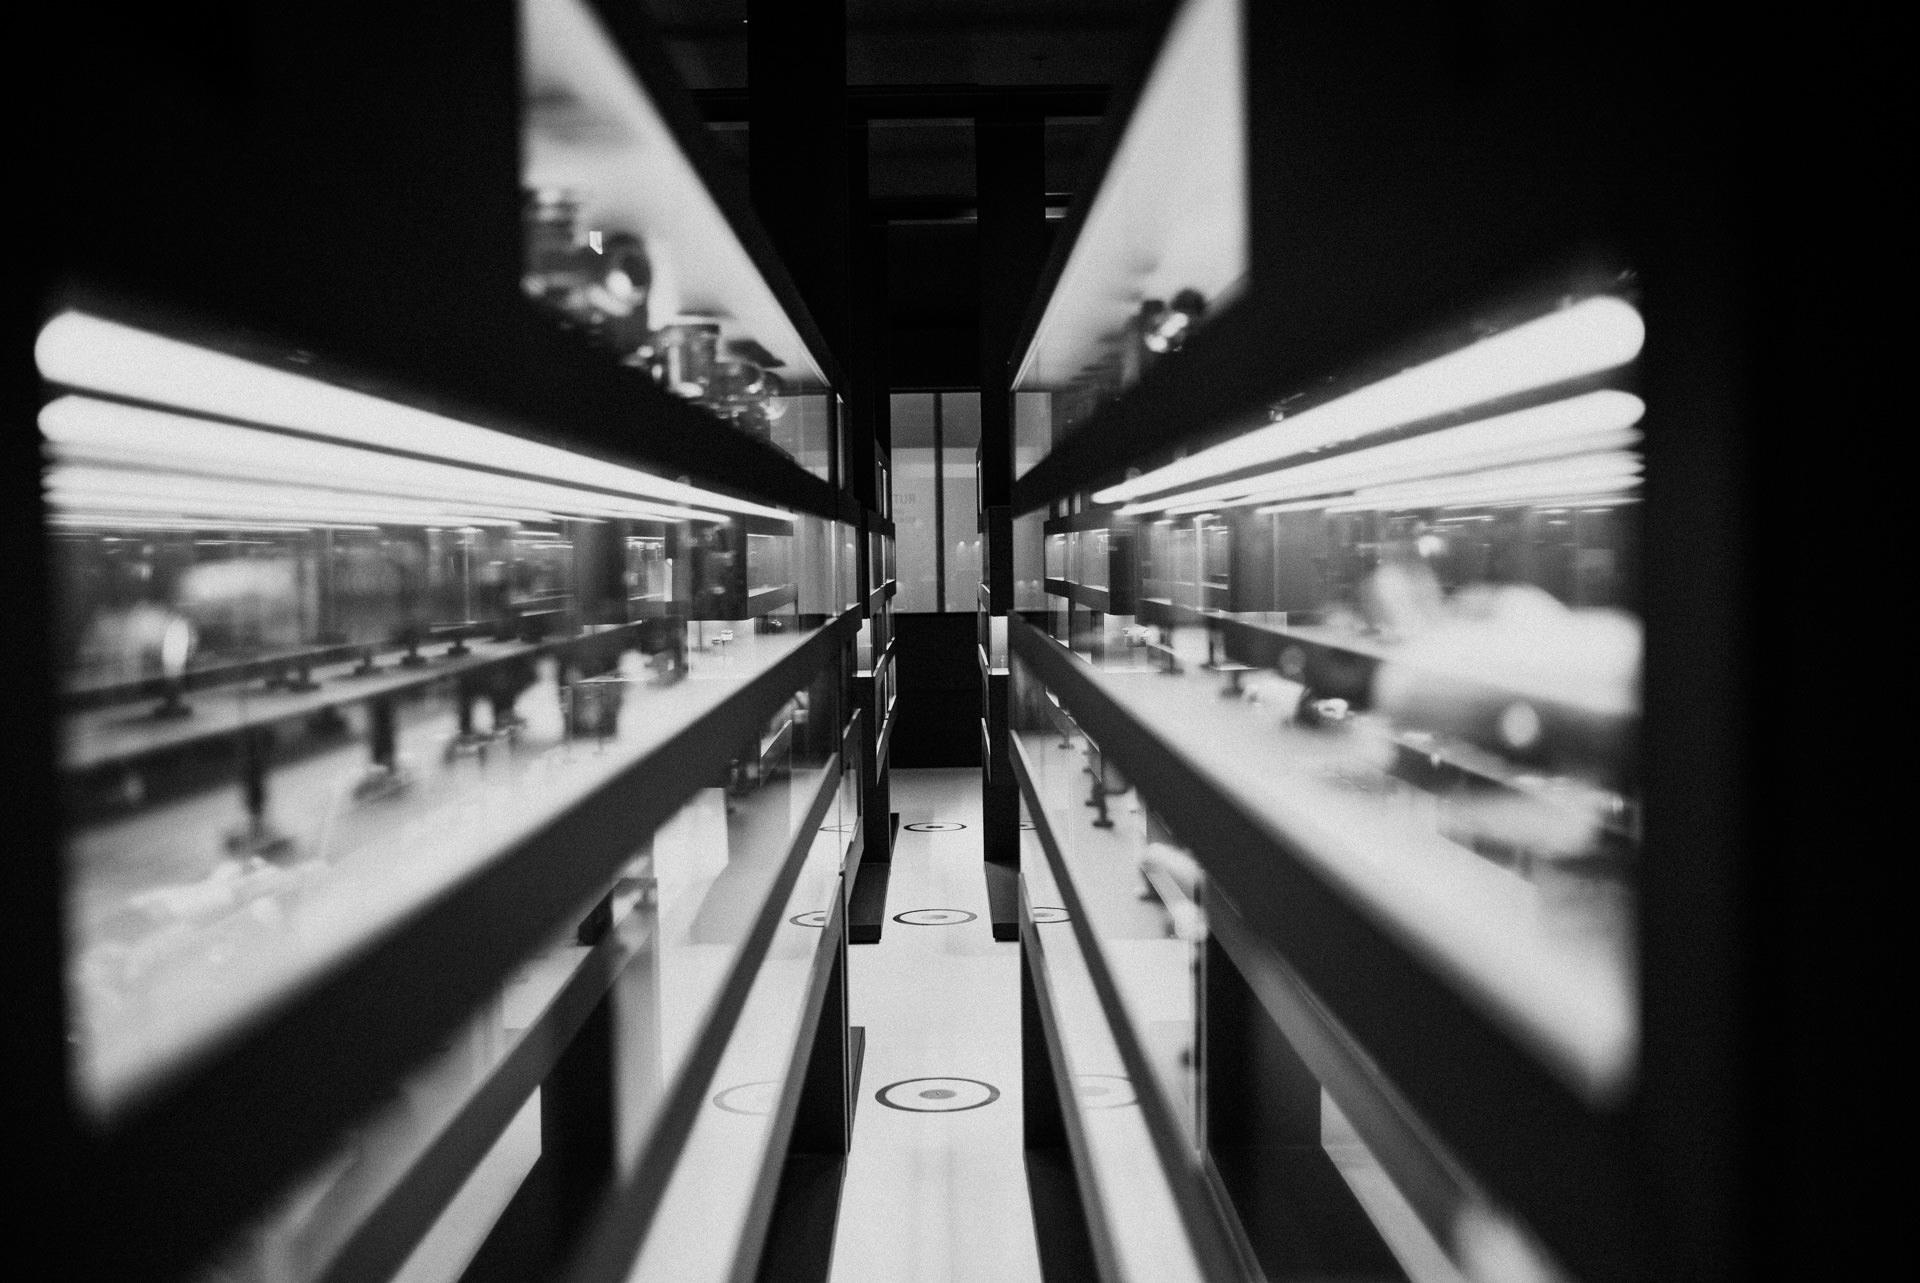 Erster-Tag-mit-der-Leica-M (15 von 40)